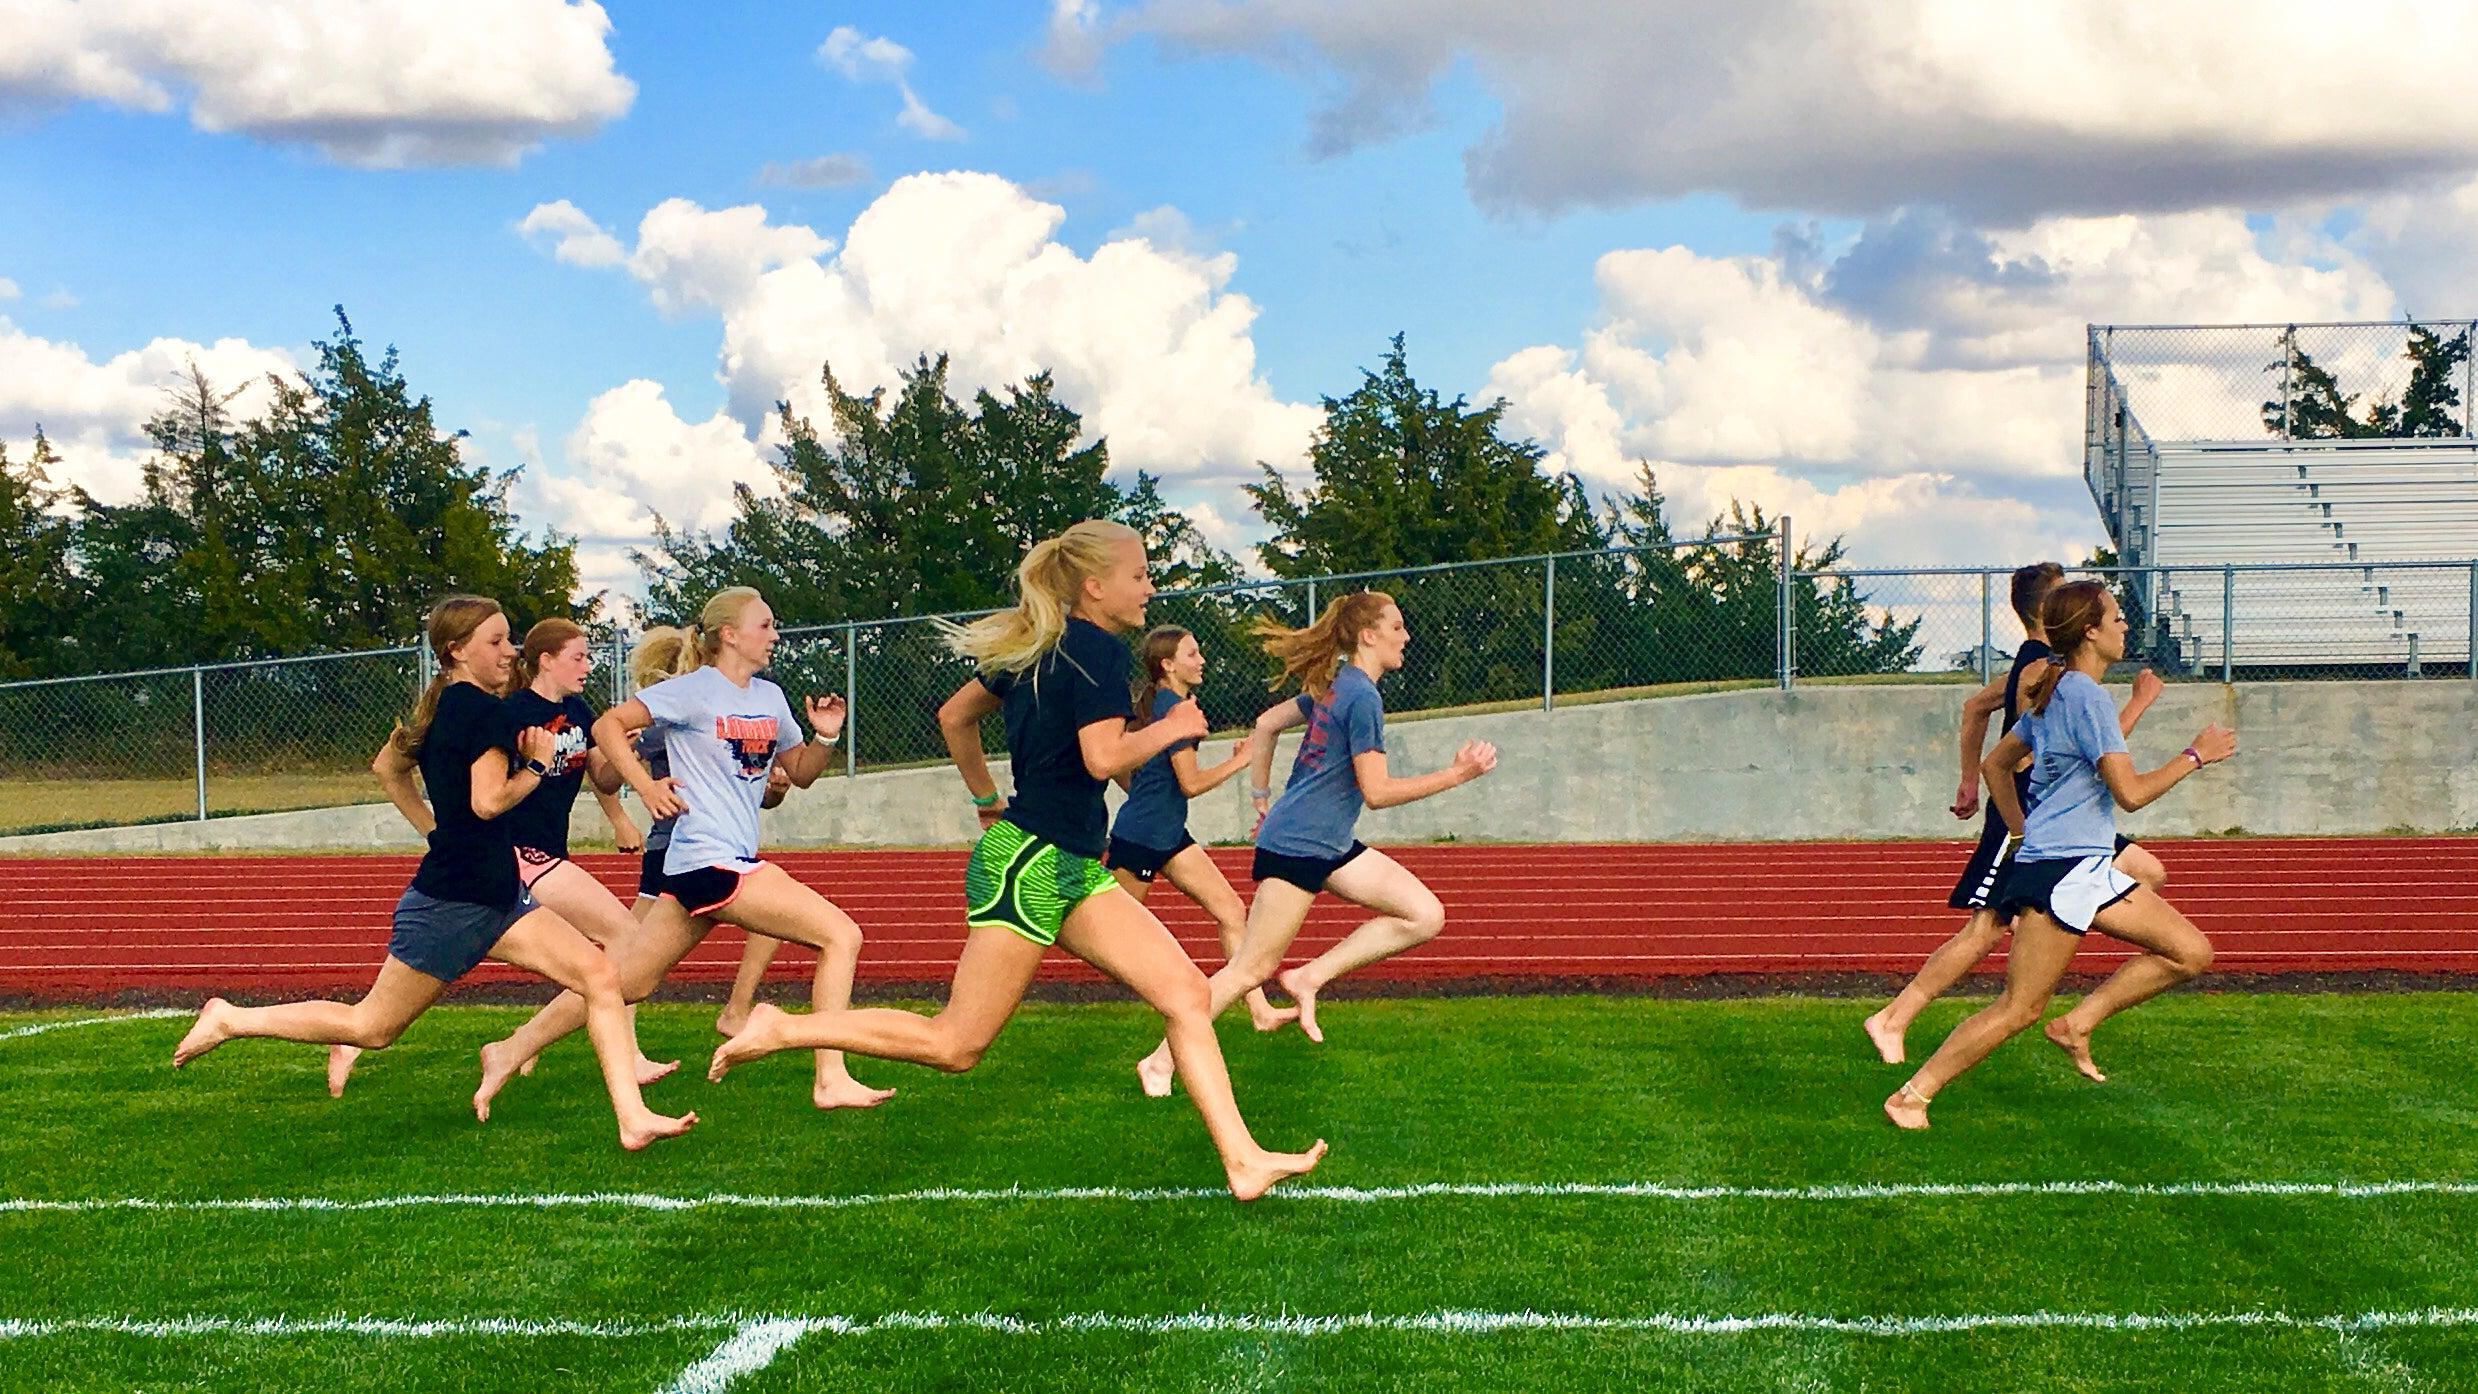 barefoot strides on grass